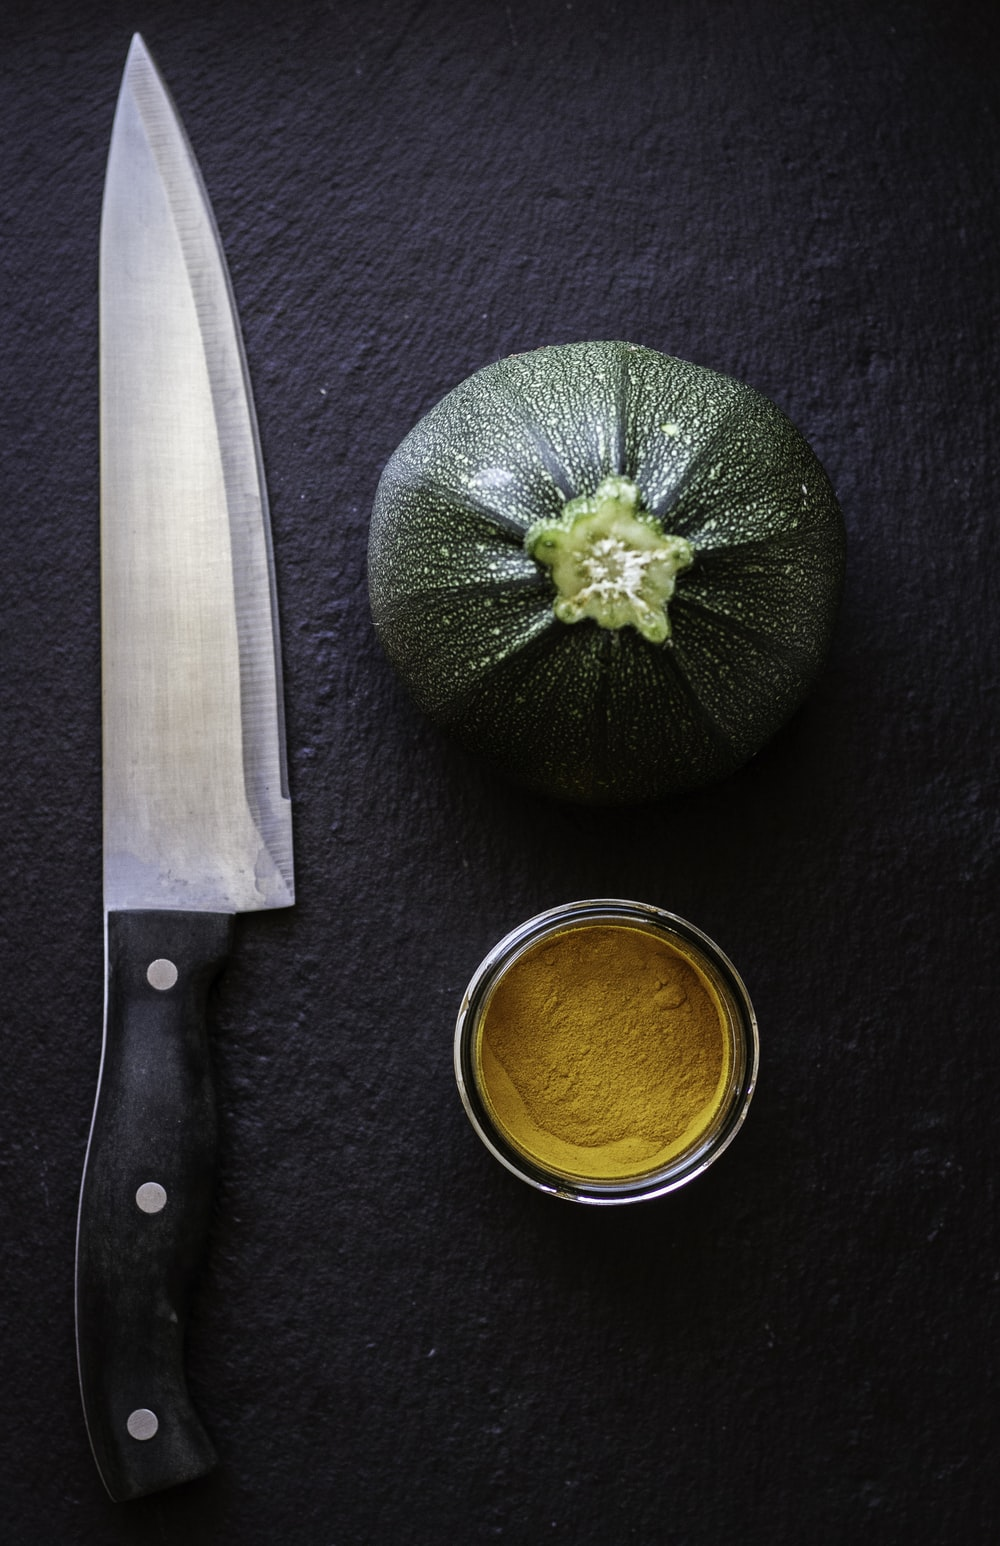 black handled knife beside green vegetable